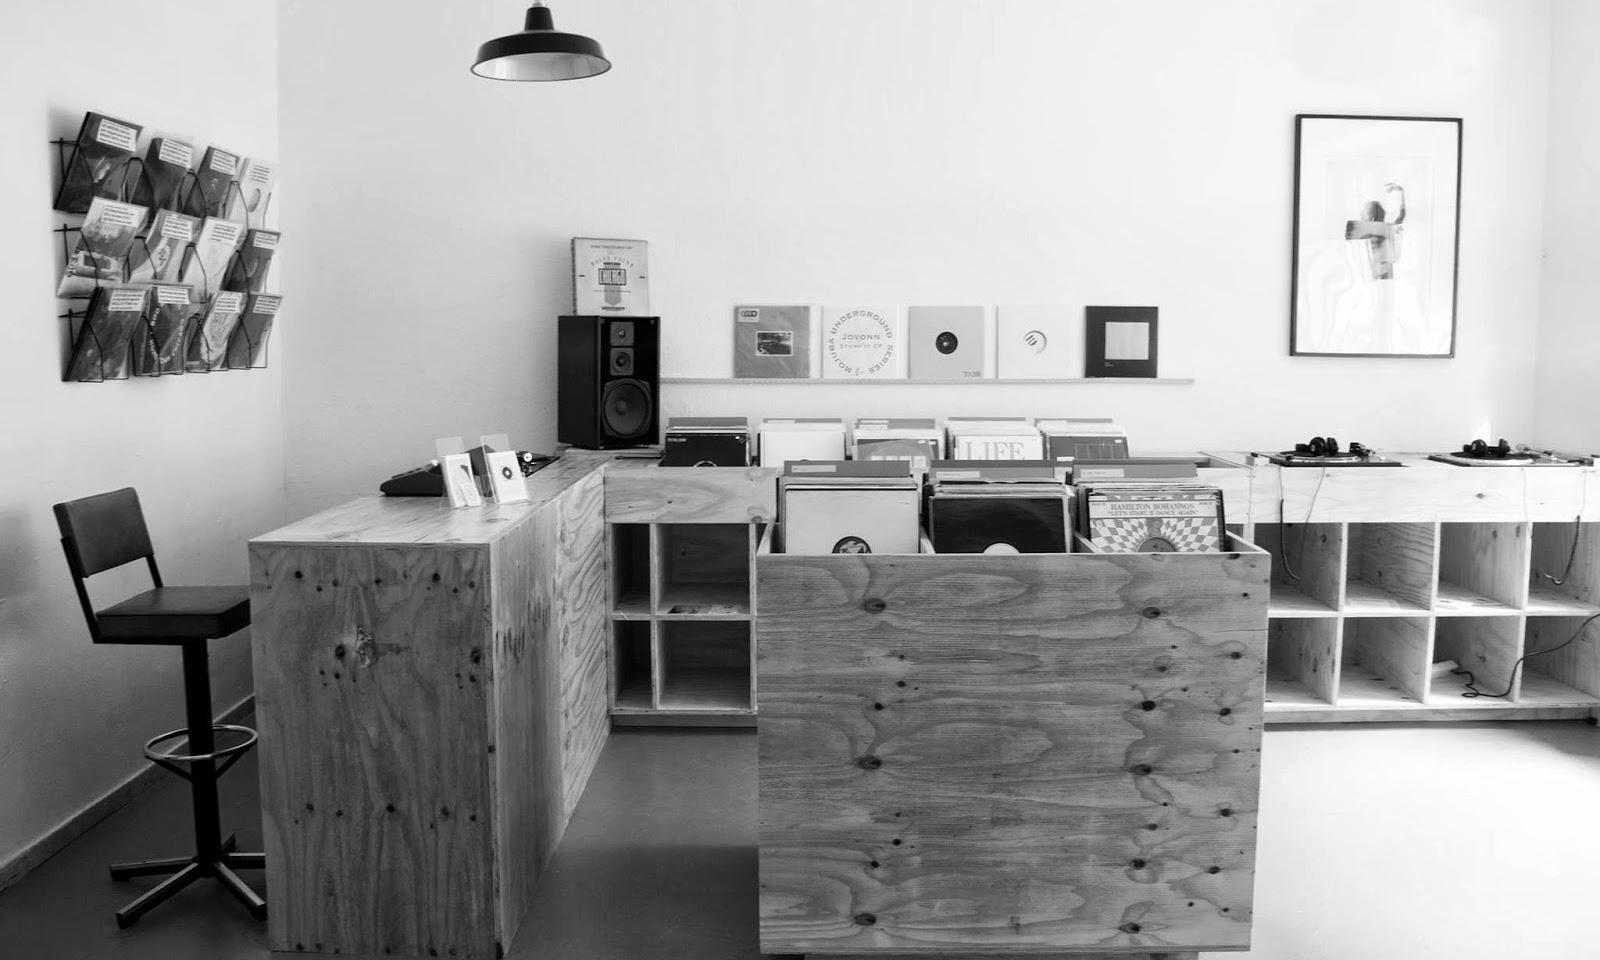 Bass Cadet Recordstore